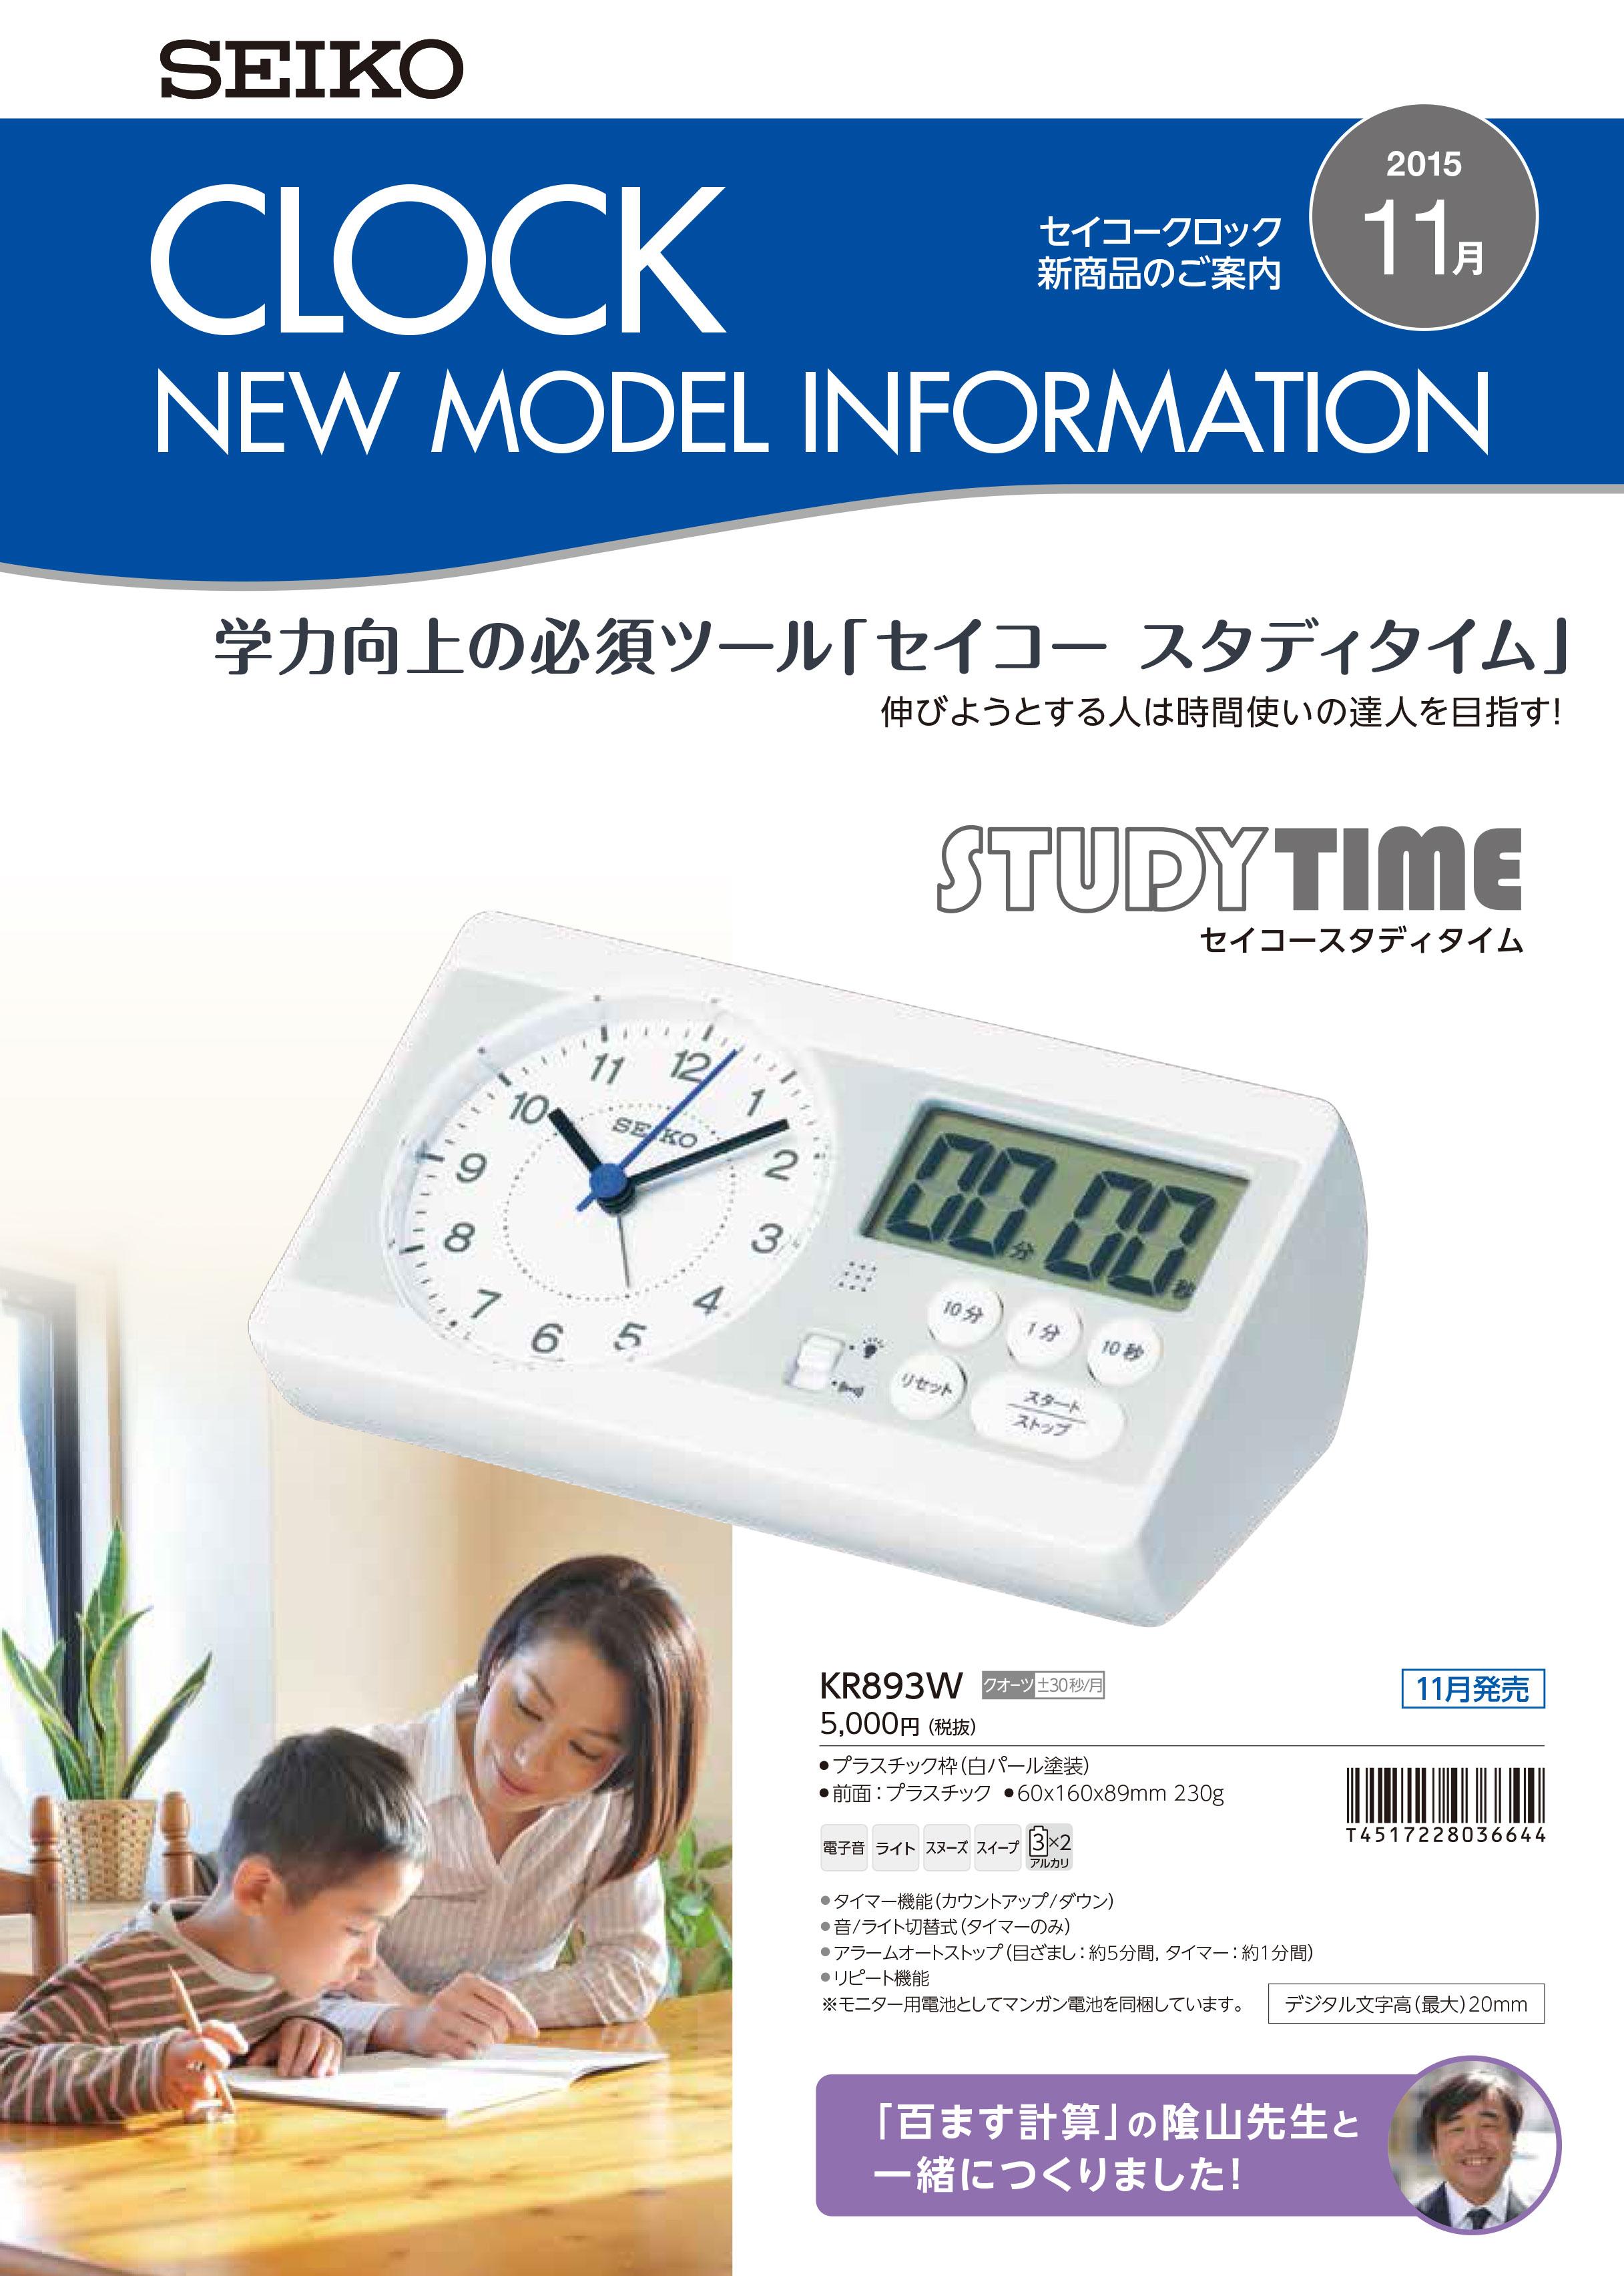 CLOCK_NMI2015-11_151006-1